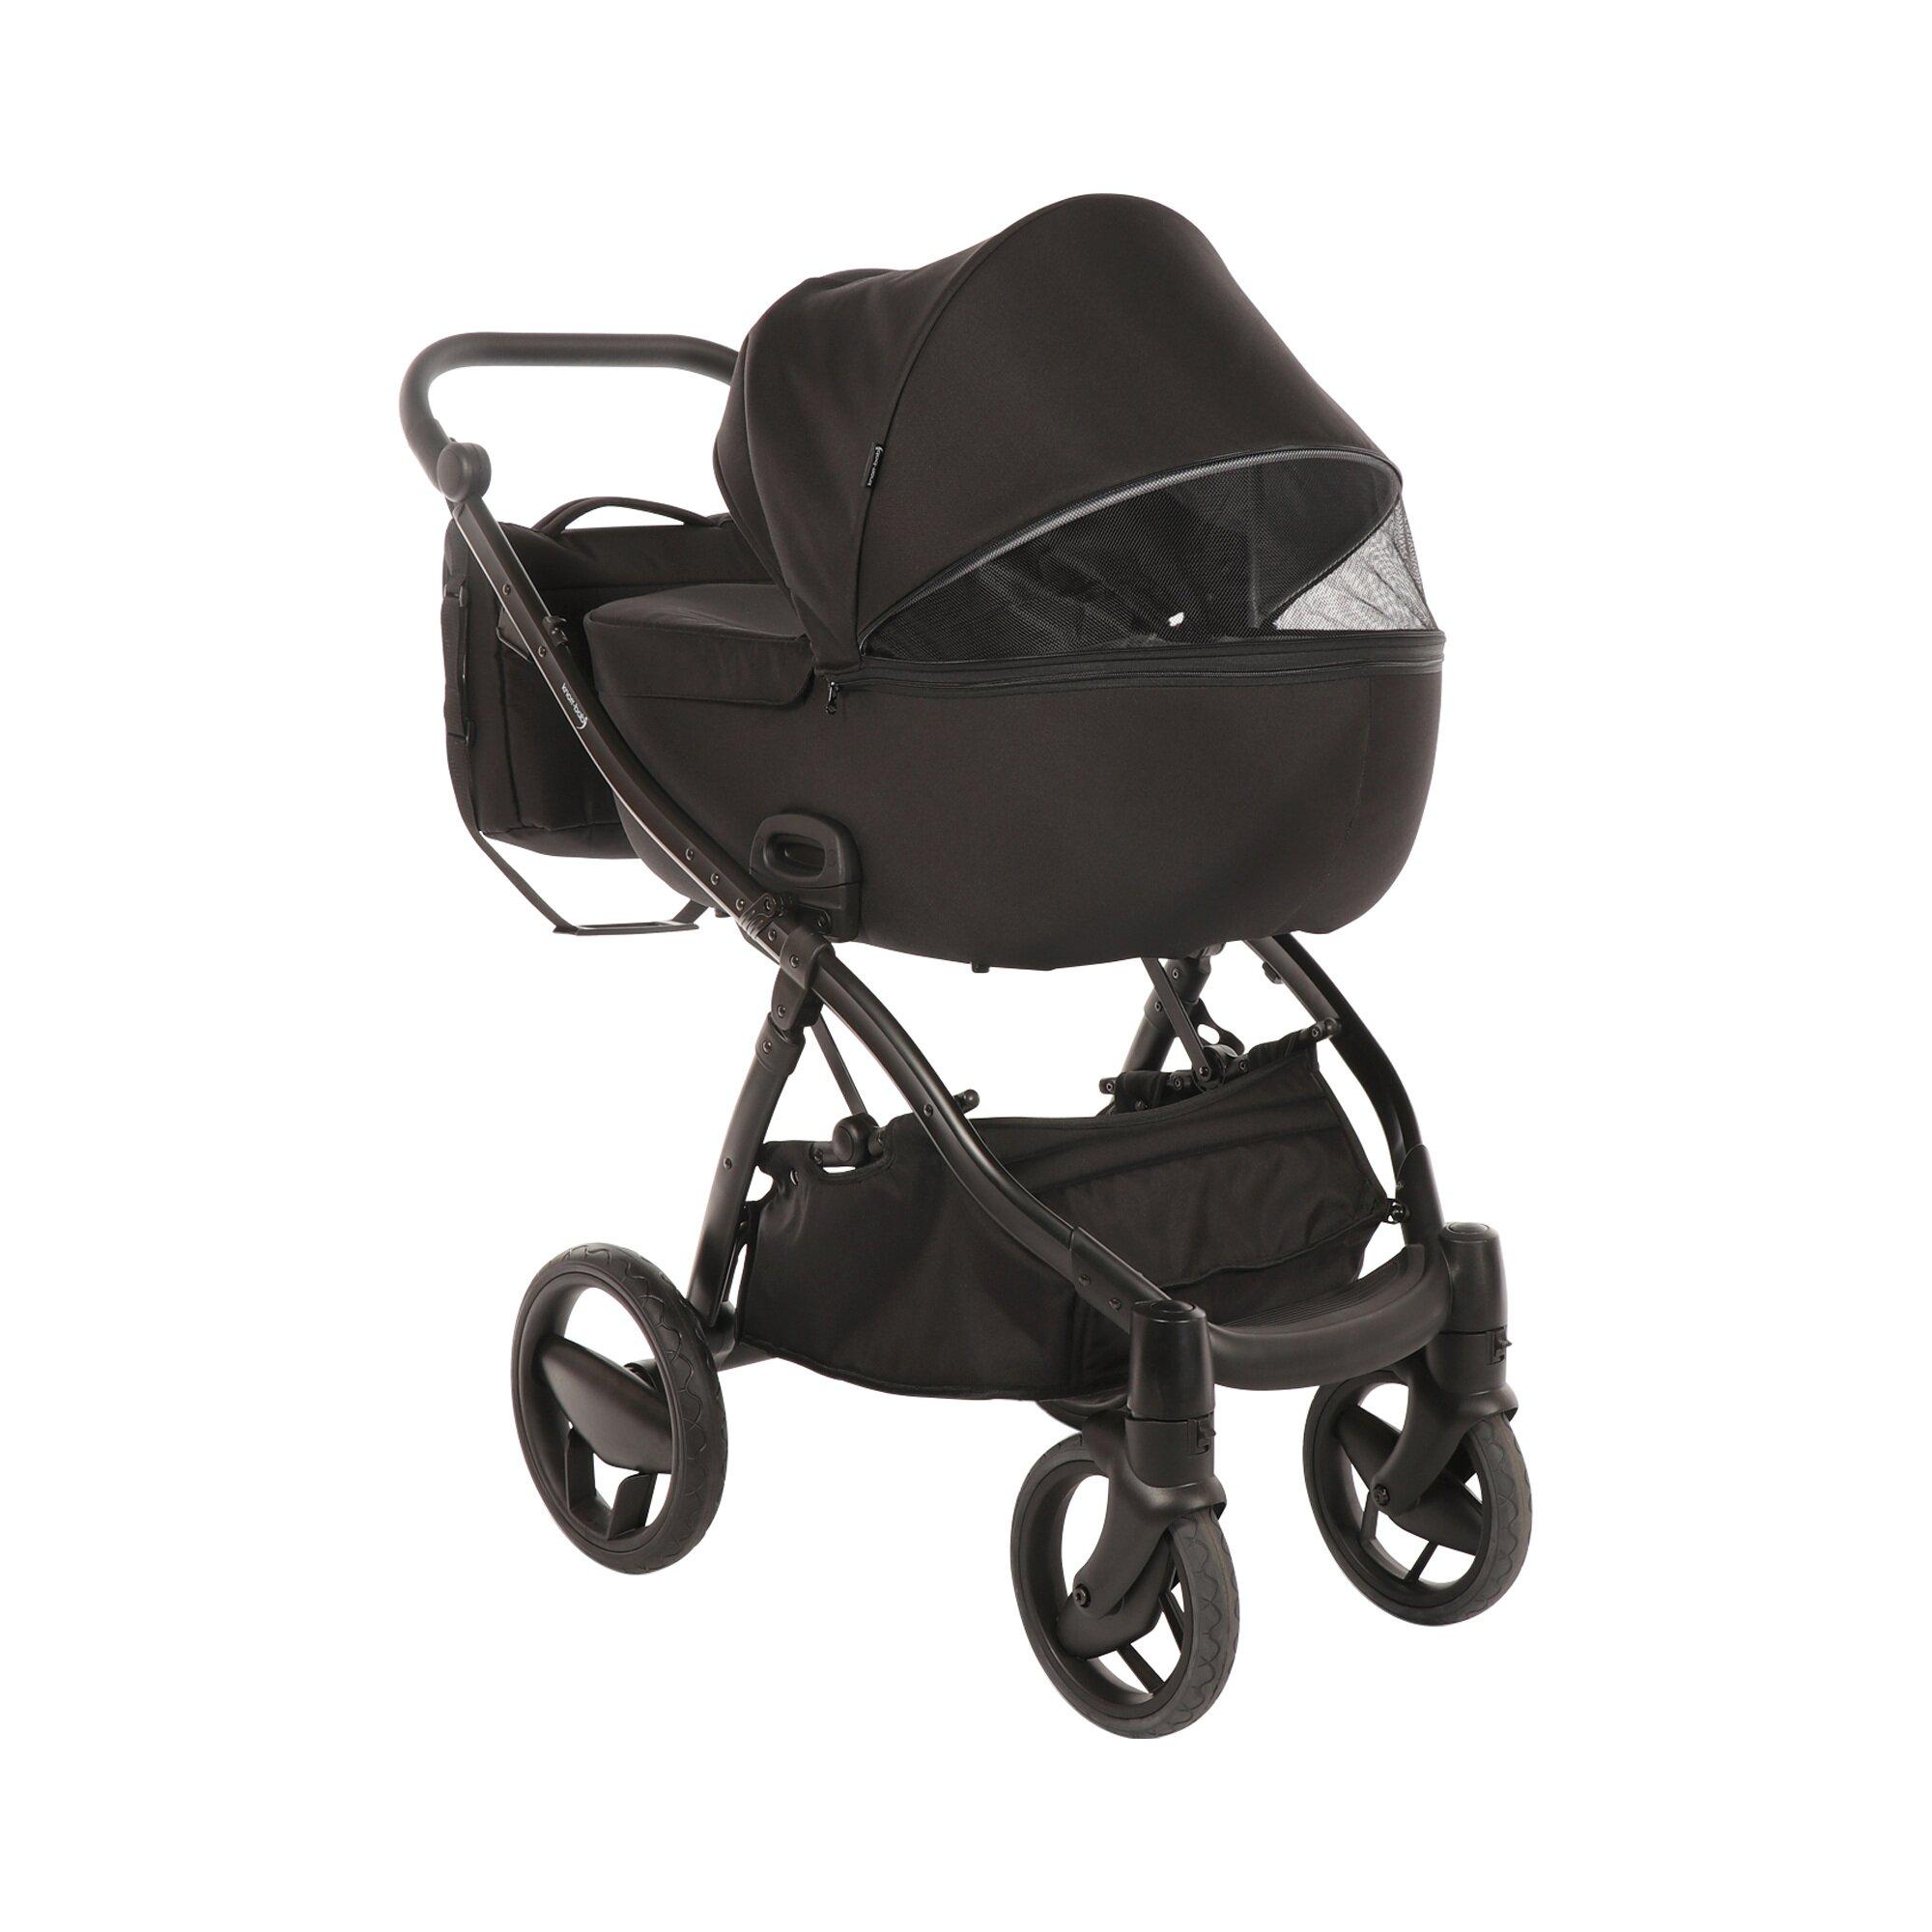 knorr-baby-piquetto-kombikinderwagen-schwarz